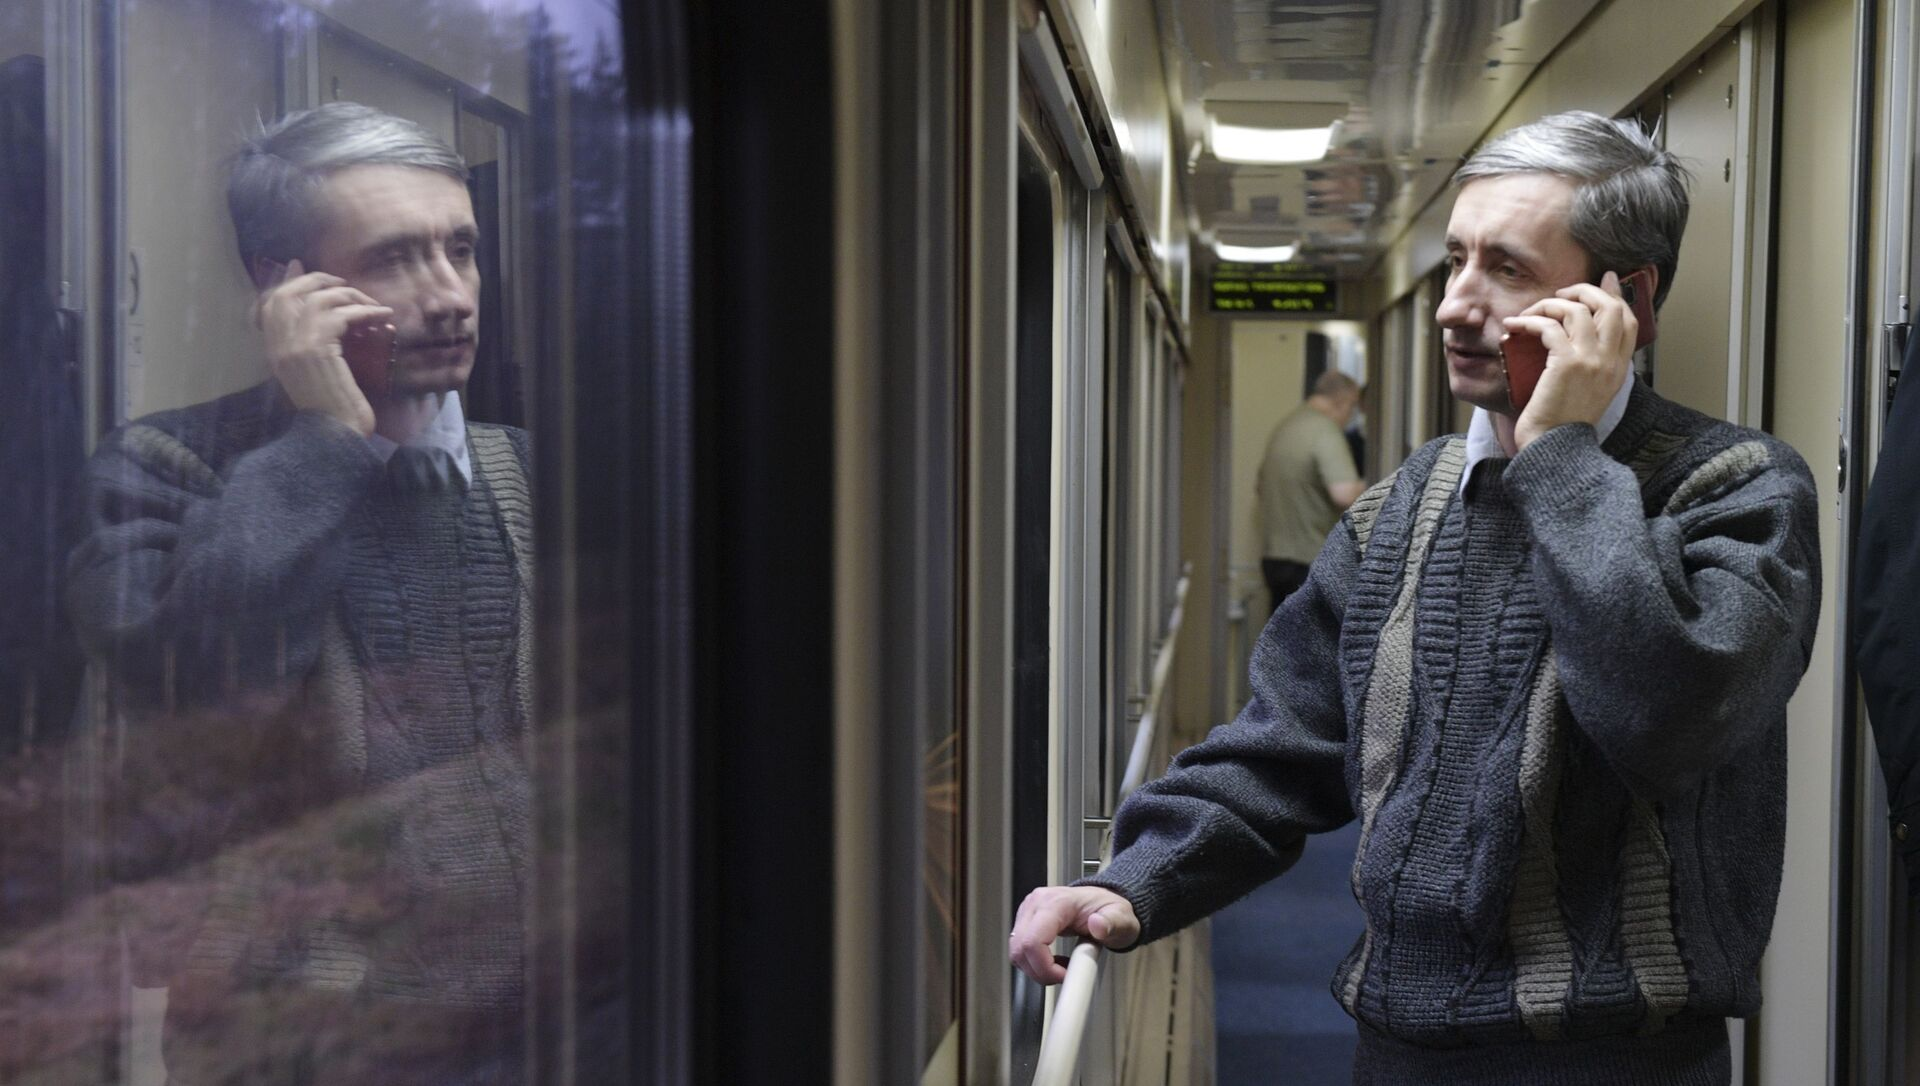 Пассажир разговаривает по телефону в поезде - Sputnik Беларусь, 1920, 03.02.2021